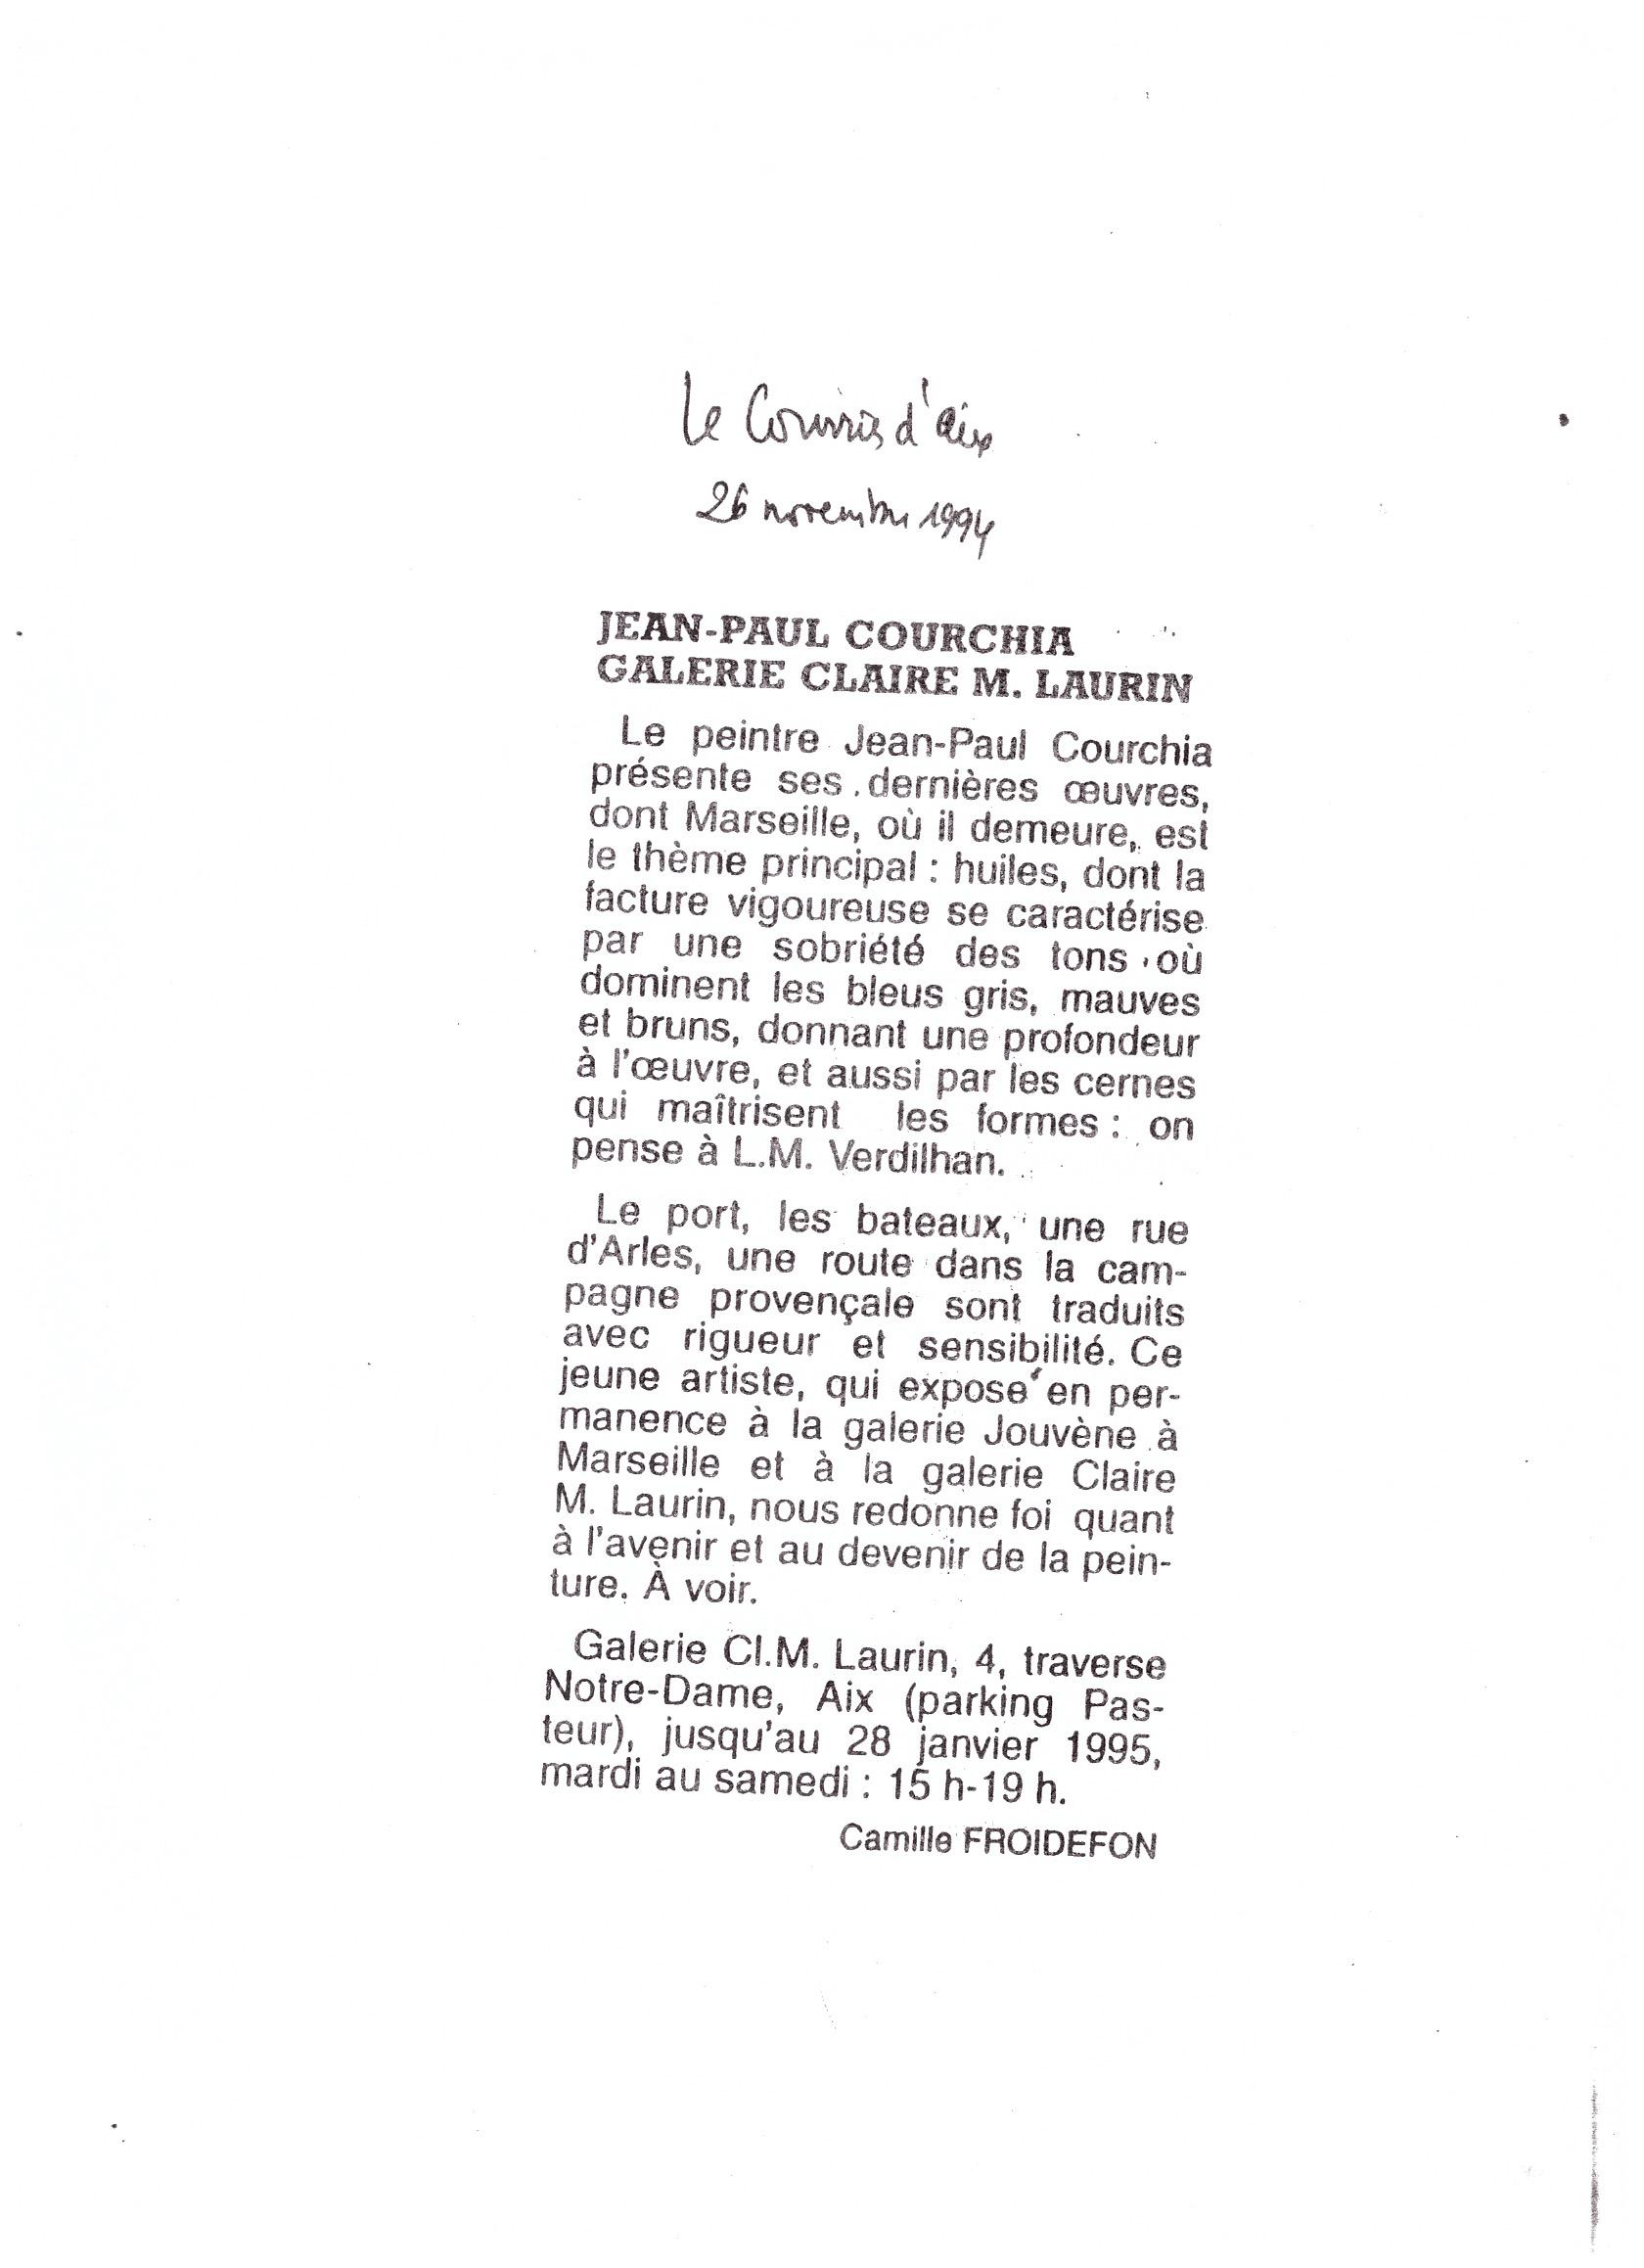 1994 LE COURIER D AIX